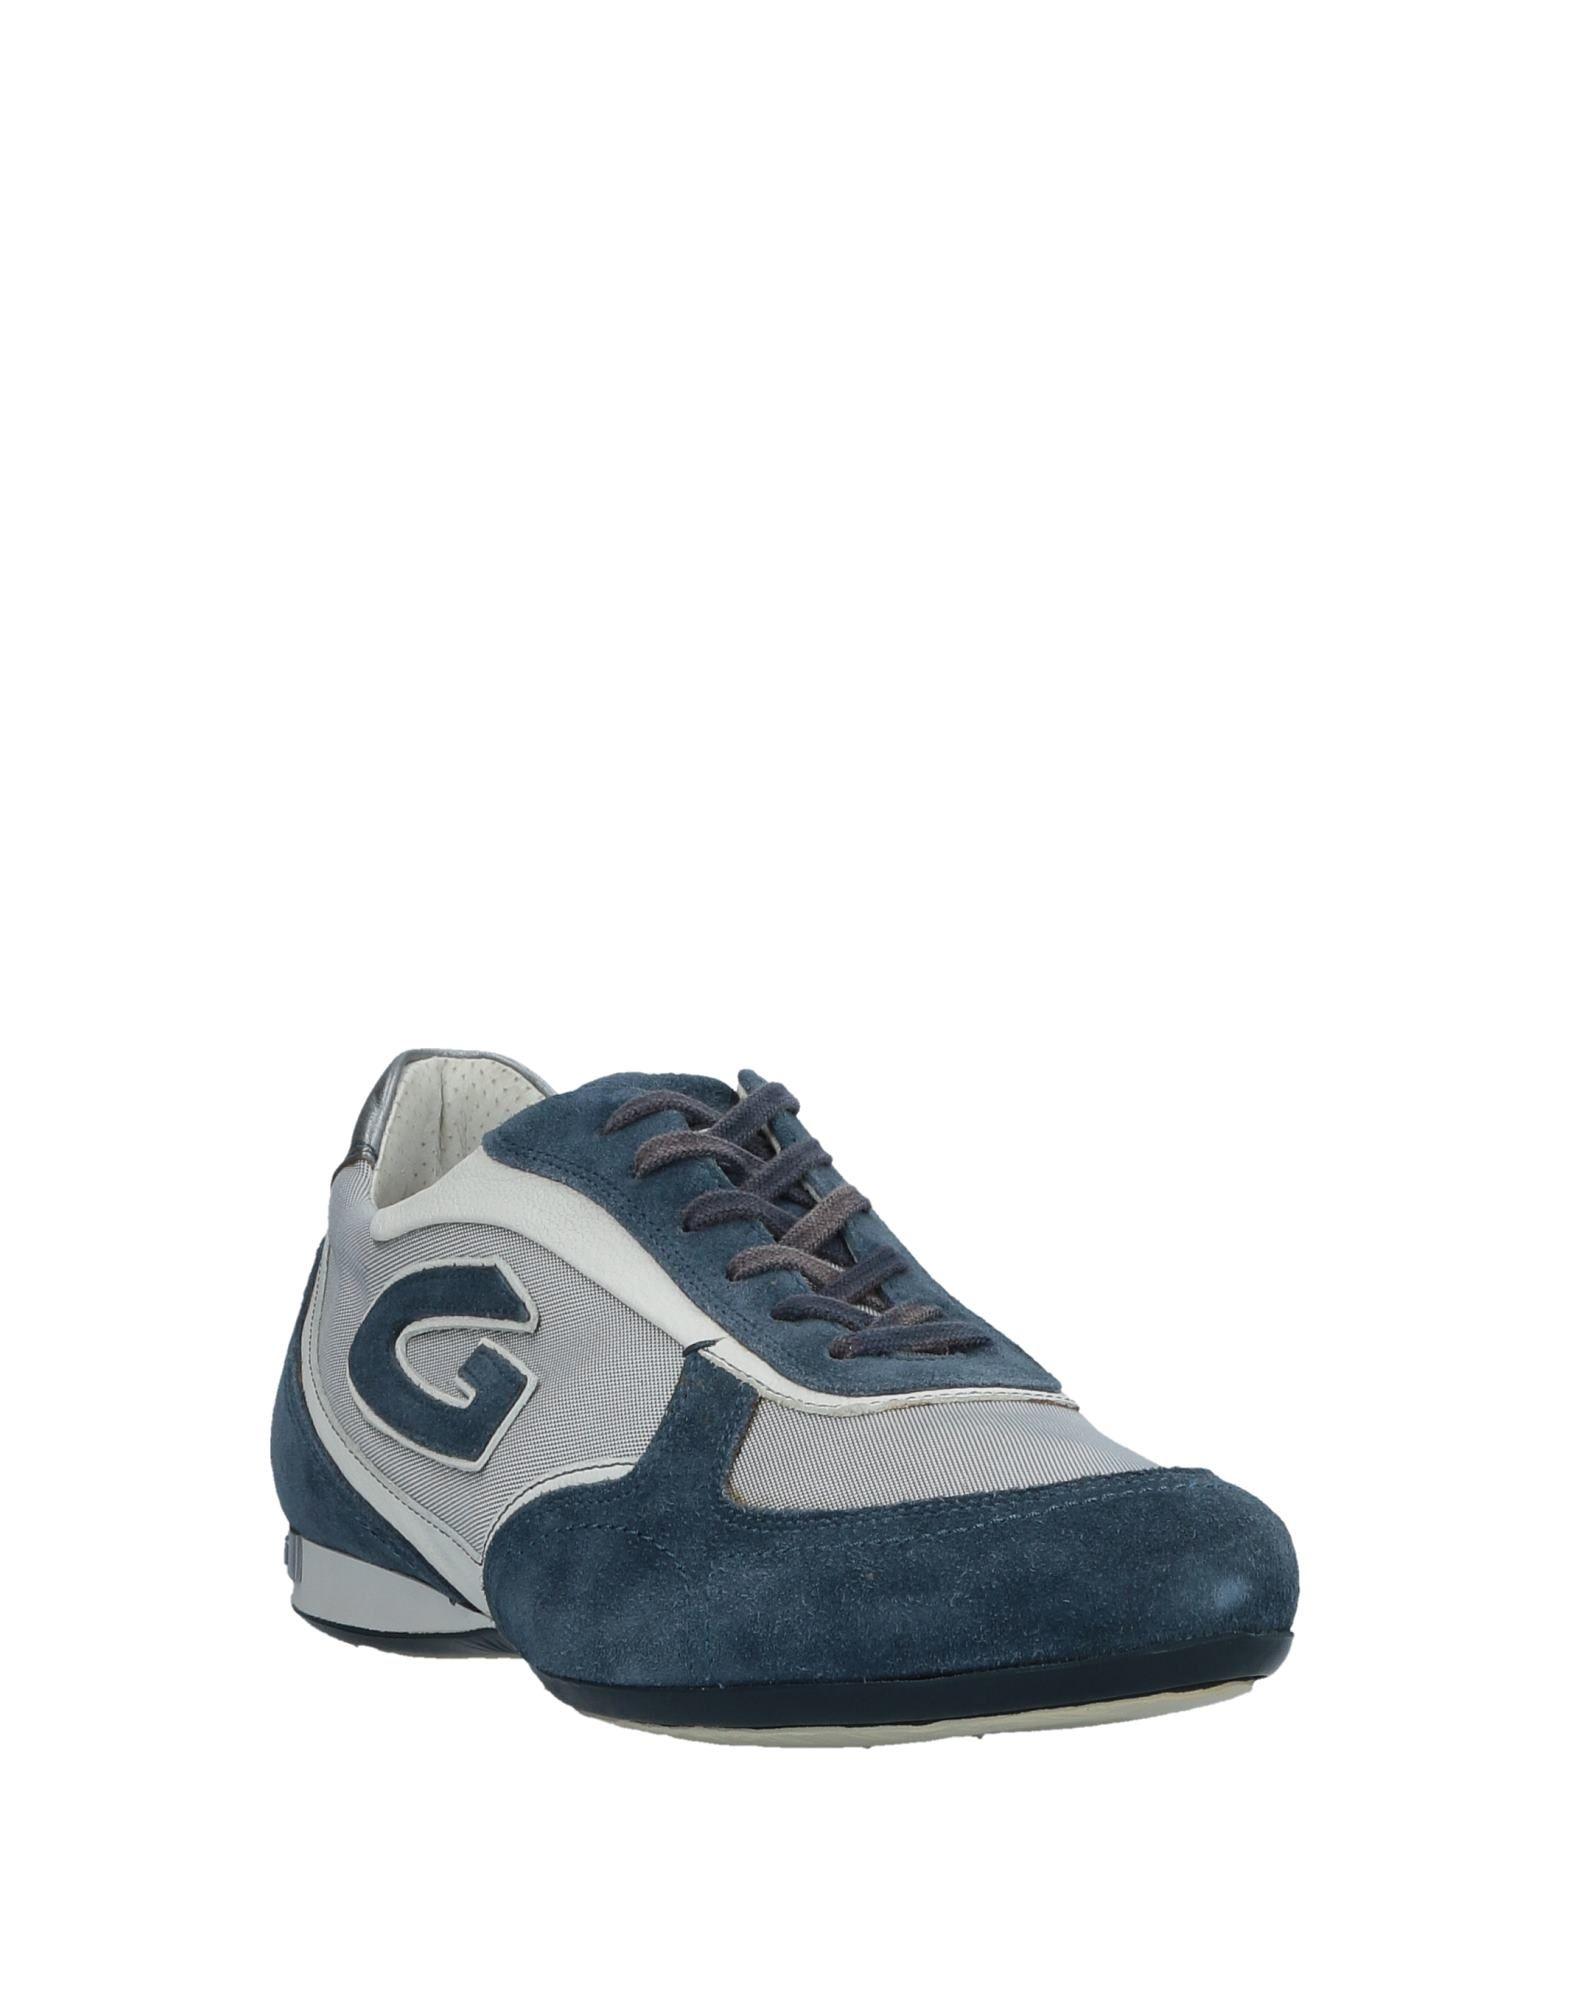 Alberto Guardiani Sneakers Herren 11521486CQ  11521486CQ Herren 48c983